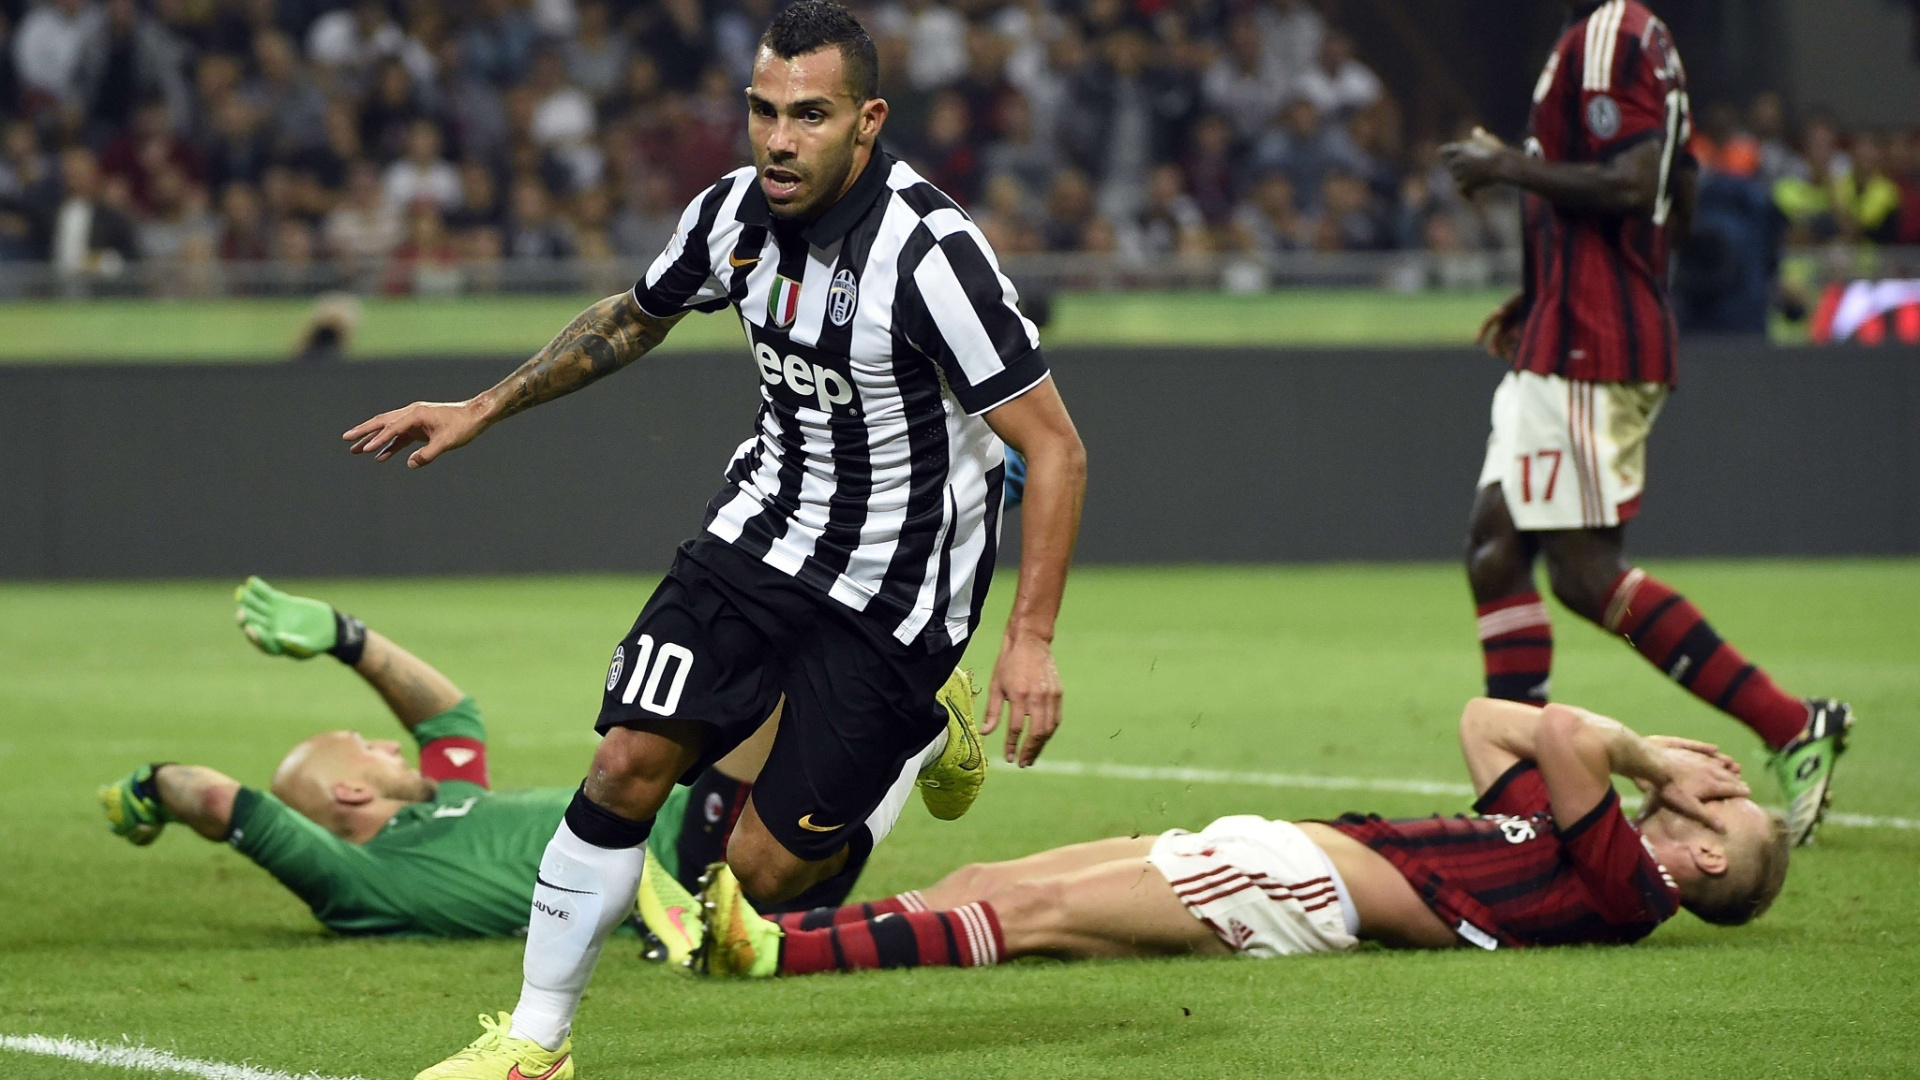 20/09/2014 - Tevez chuta e corre para comemorar gol da Juventus contra o Milan